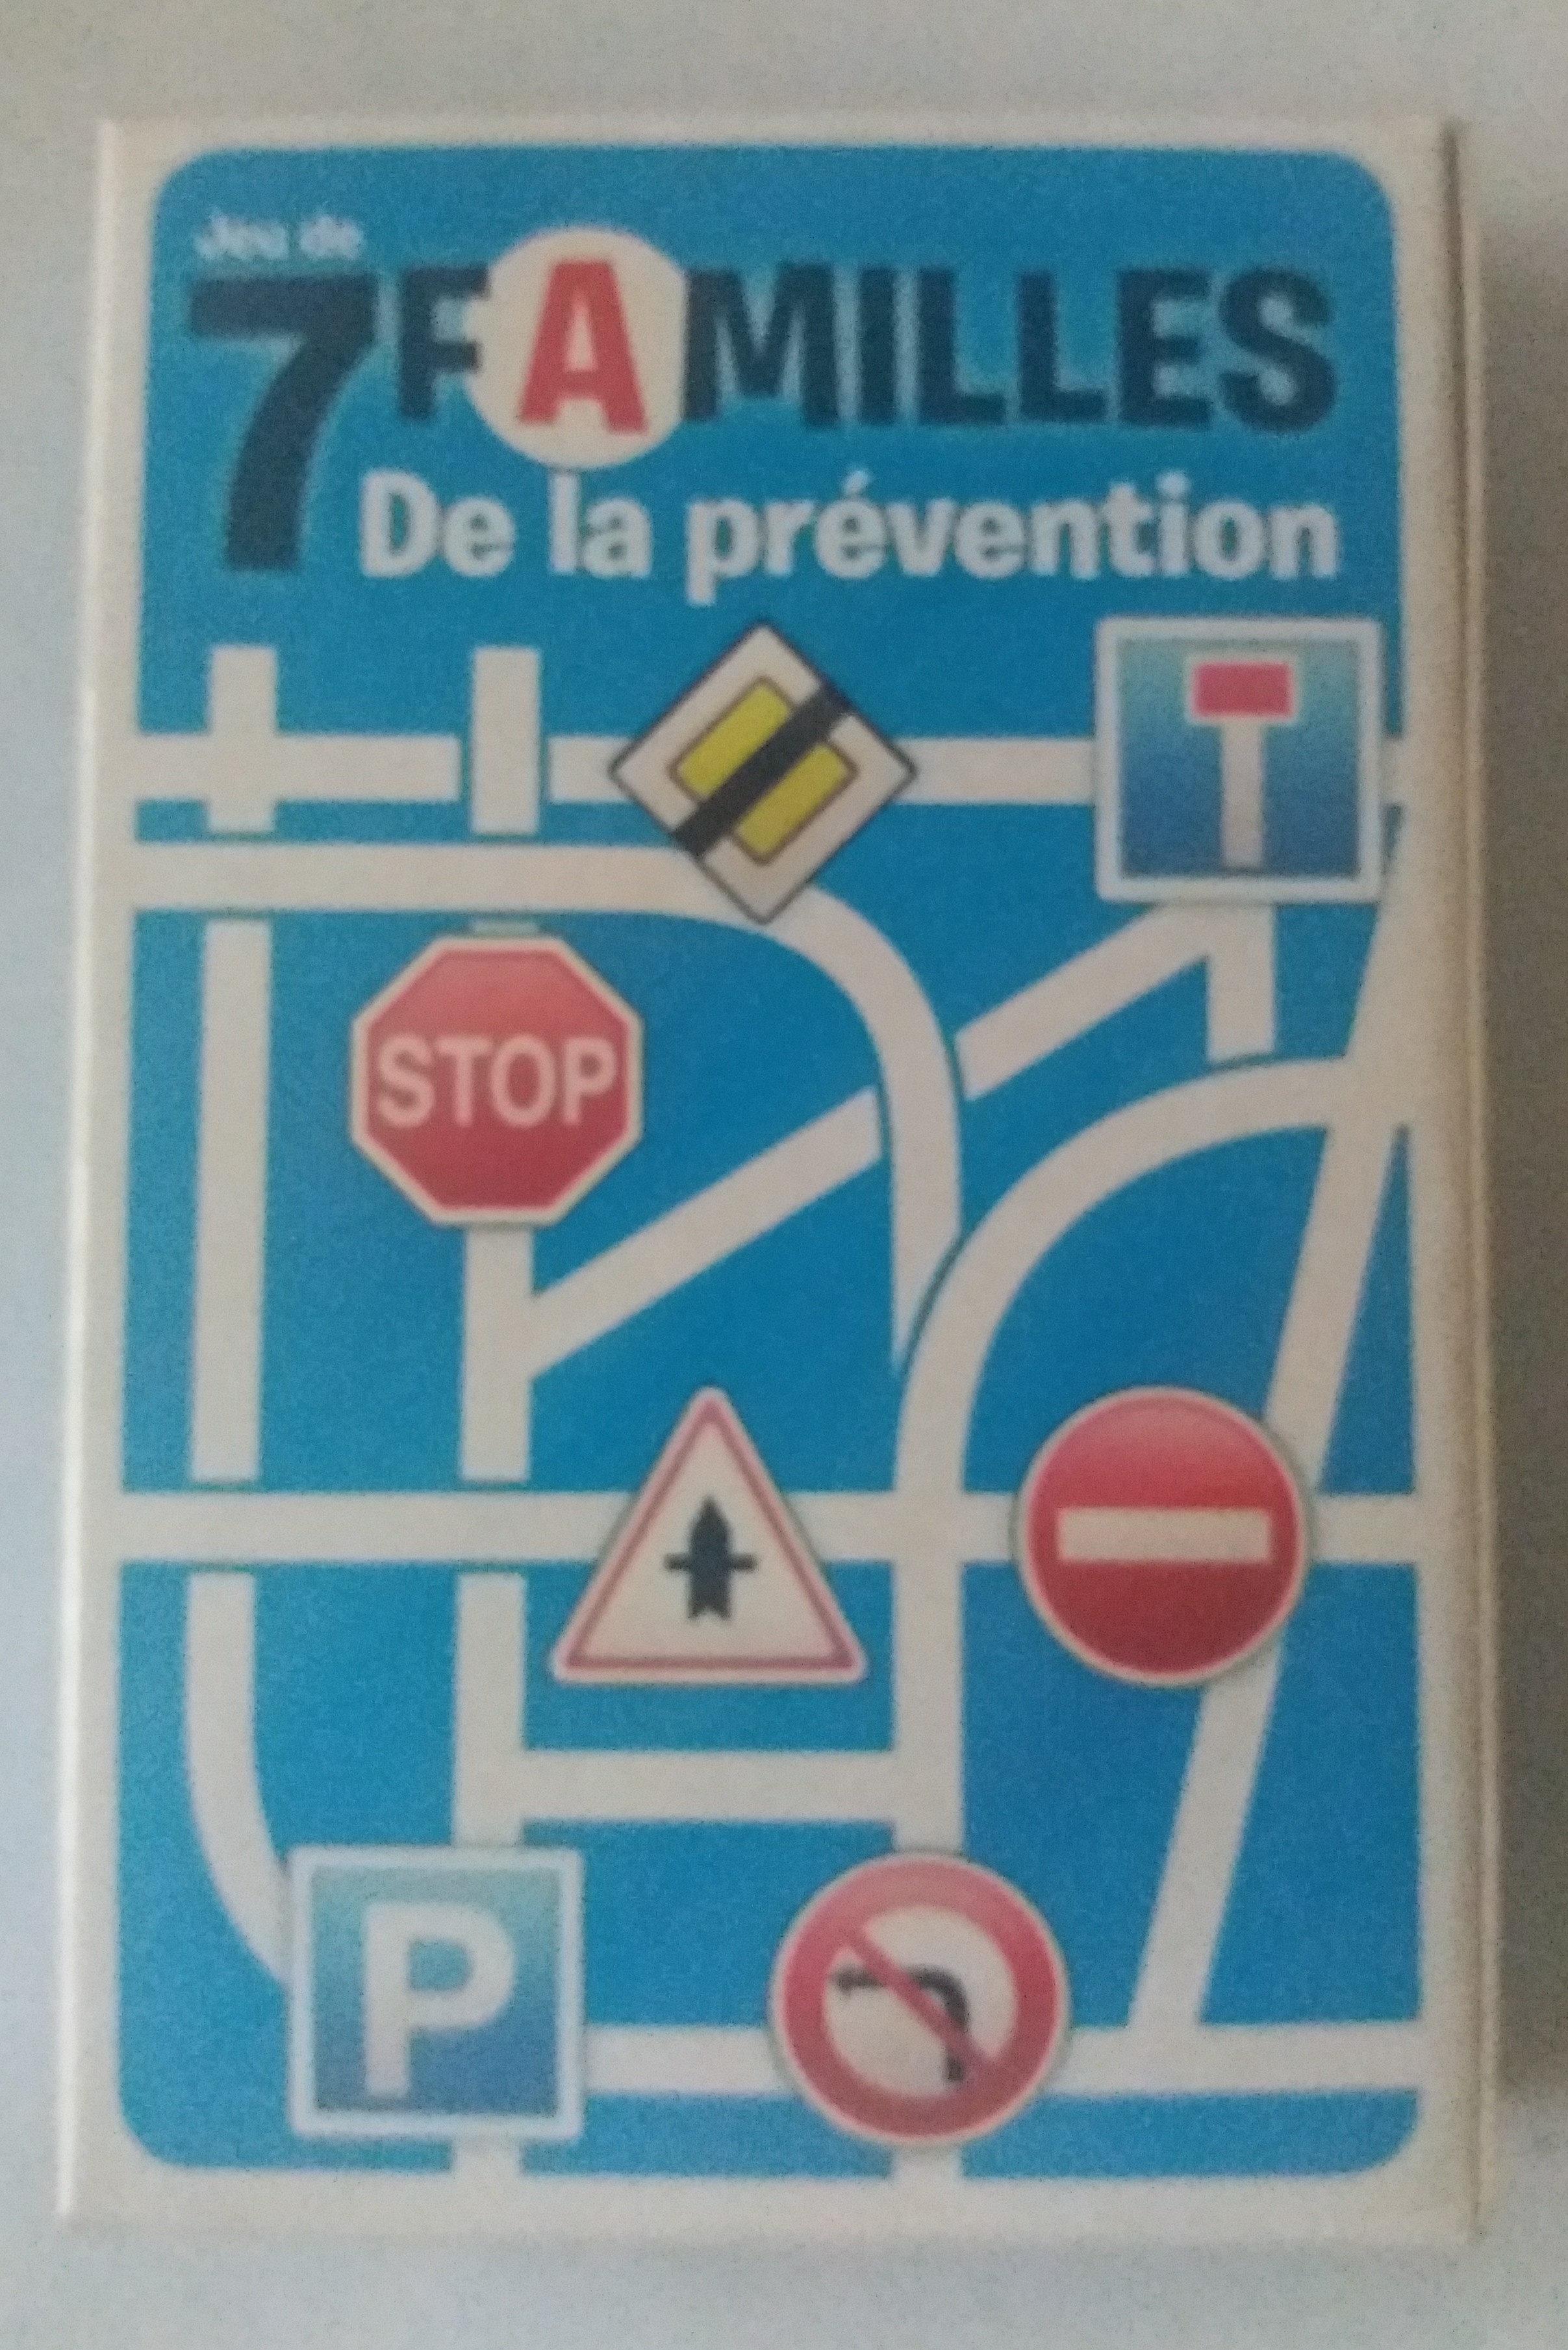 Jeu de 7 familles de la prévention - Product - fr